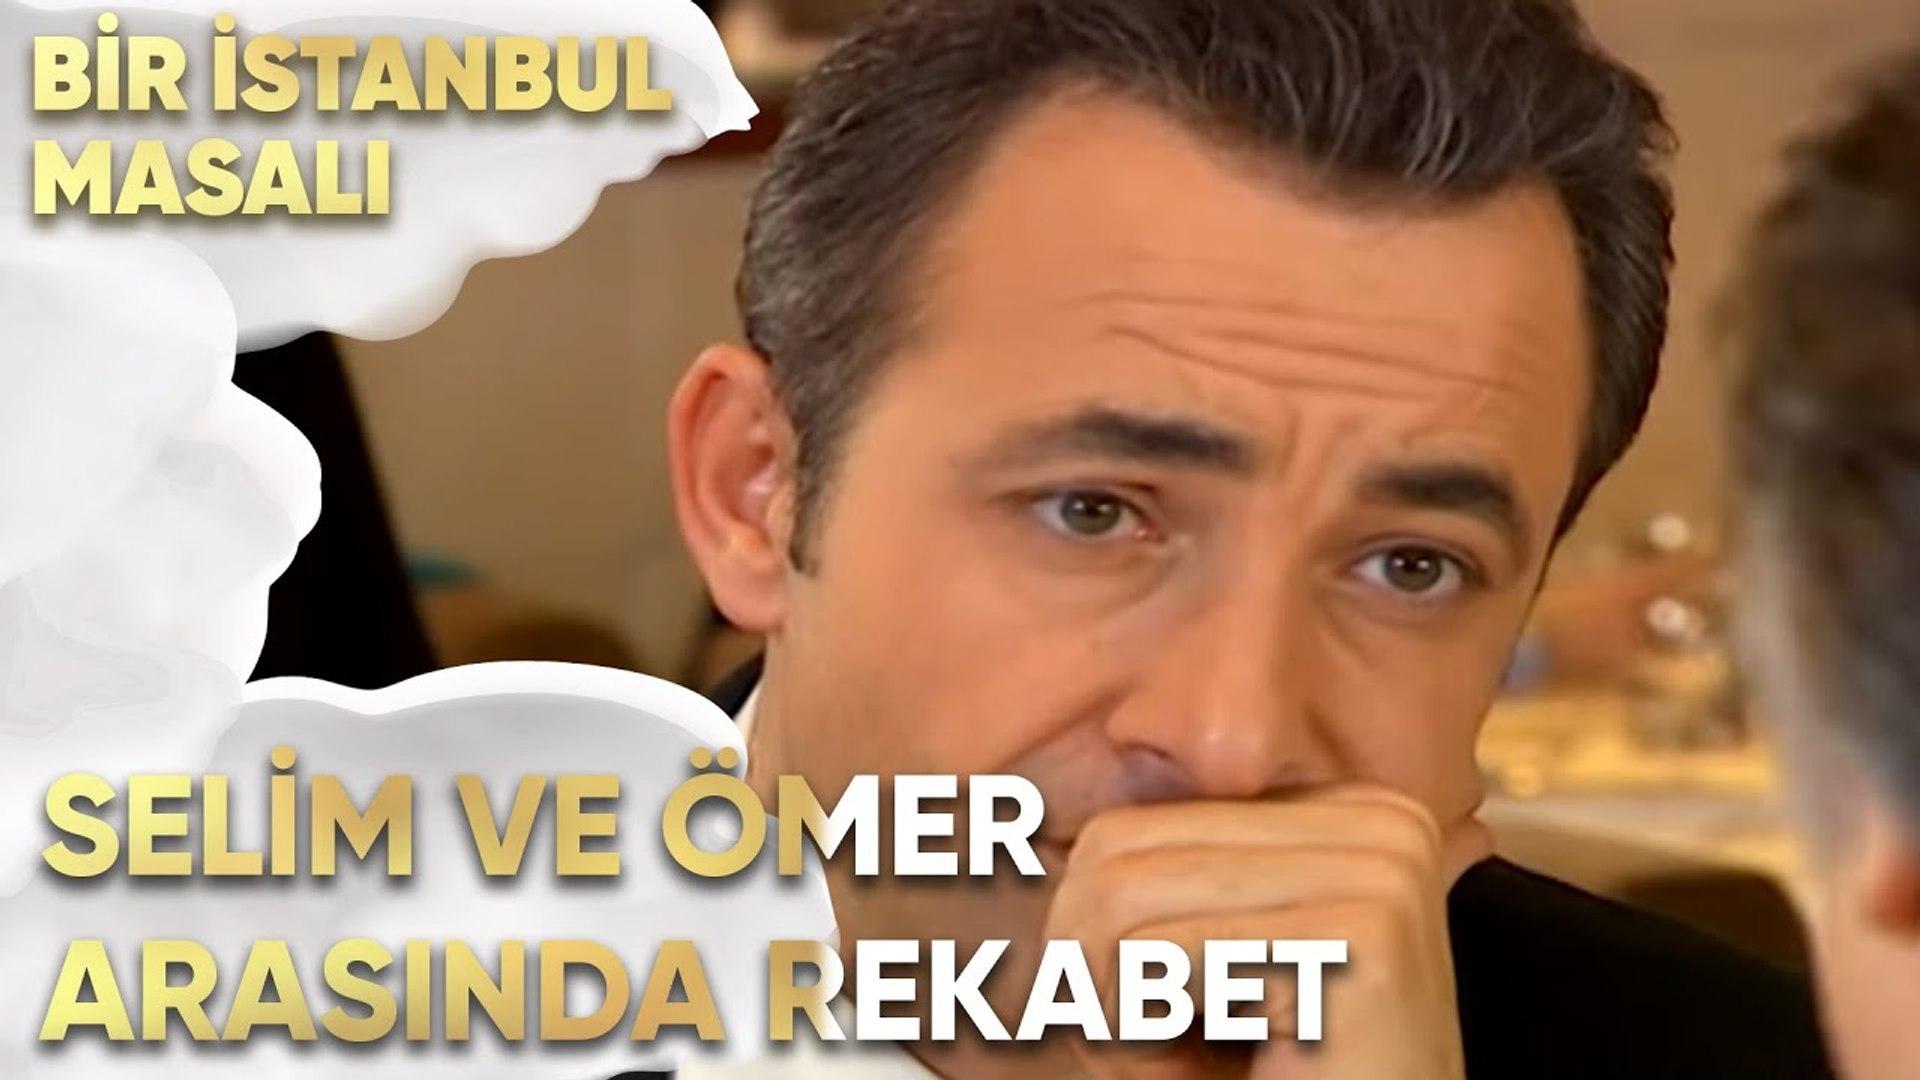 Selim ve Ömer Arasında Rekabet mi Başlıyor? - Bir İstanbul Masalı 20. Bölüm